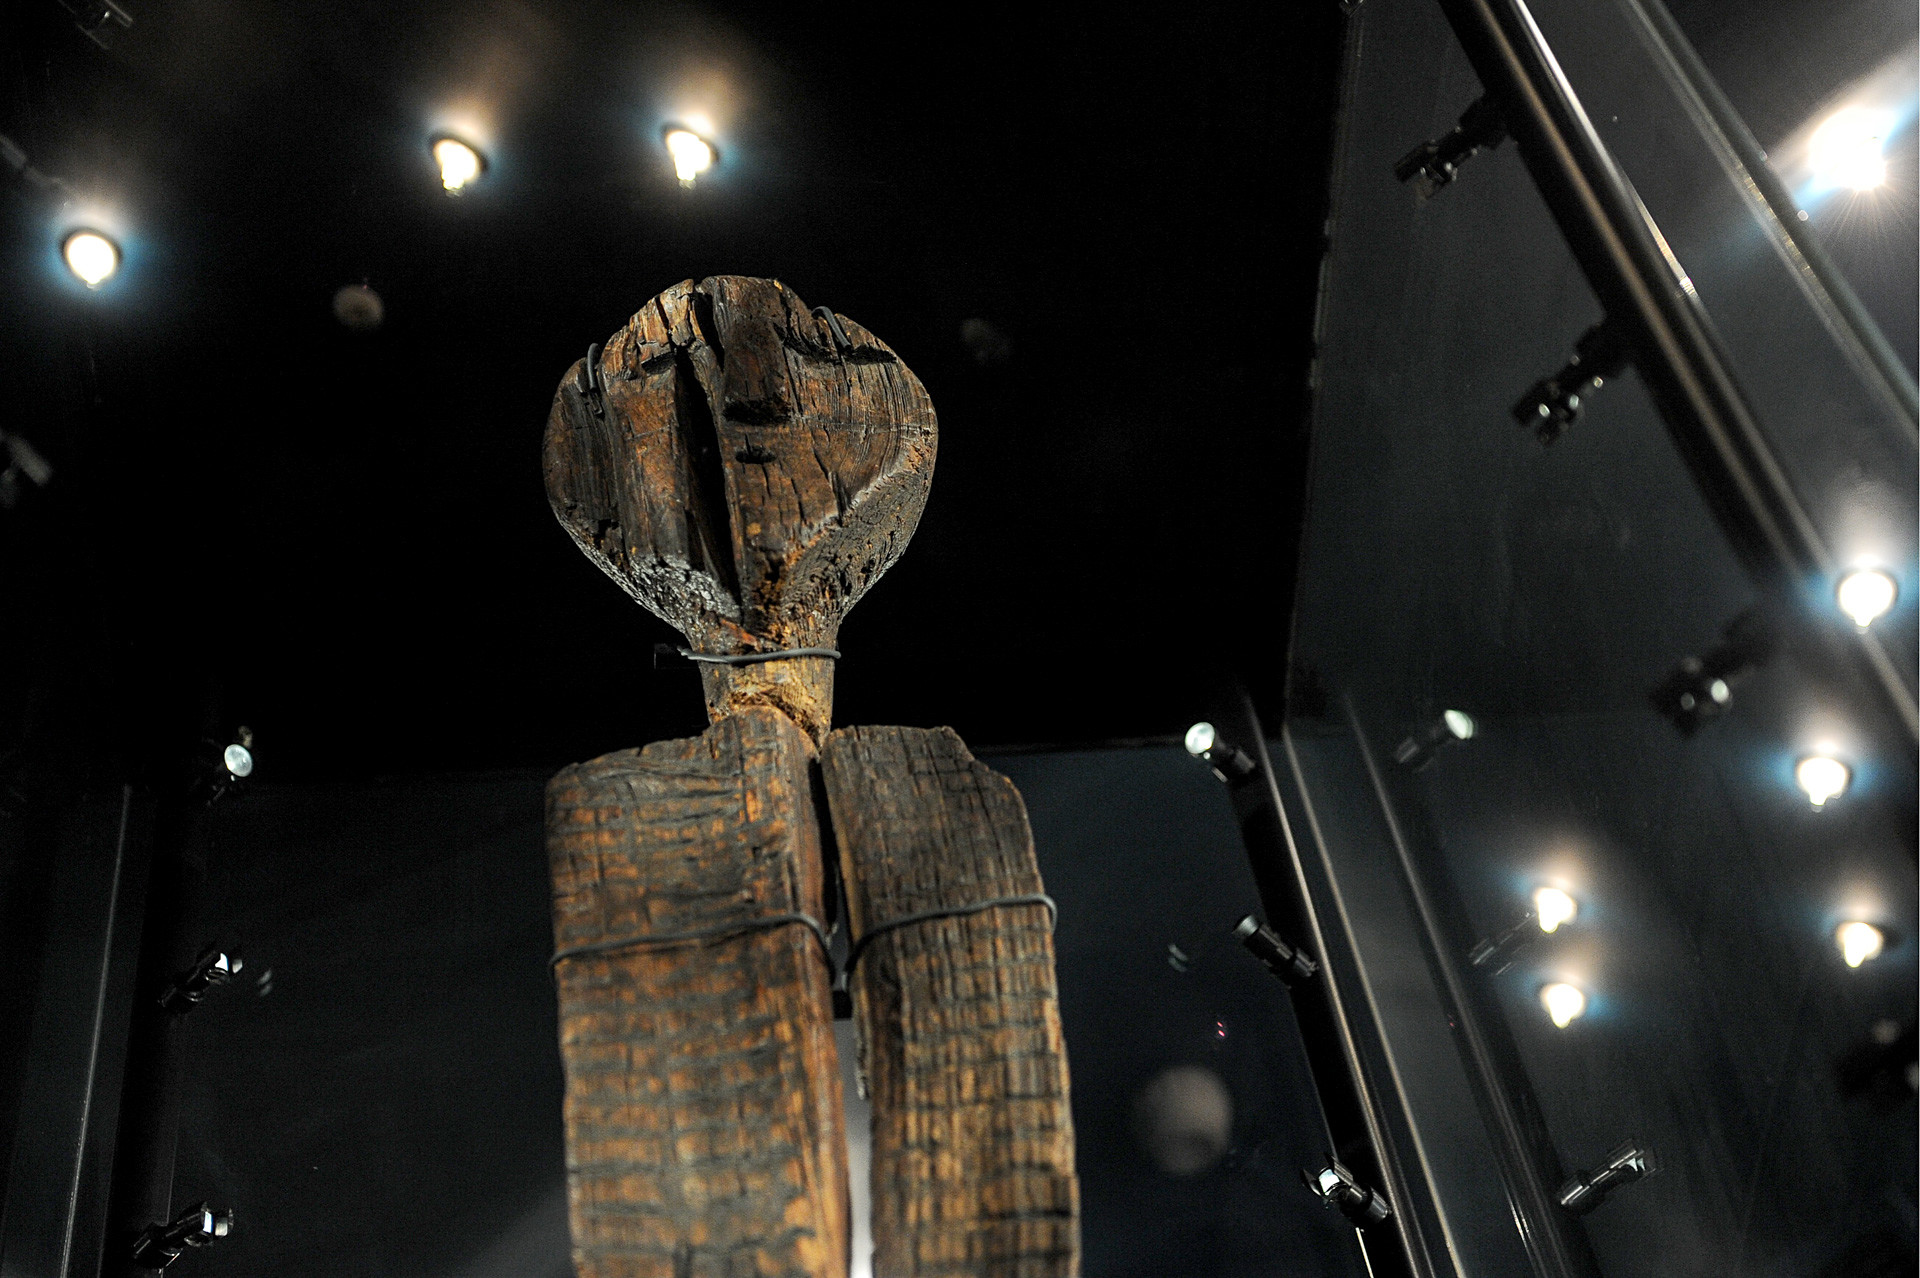 Шигирски идол, Регионални музеј у Свердловску